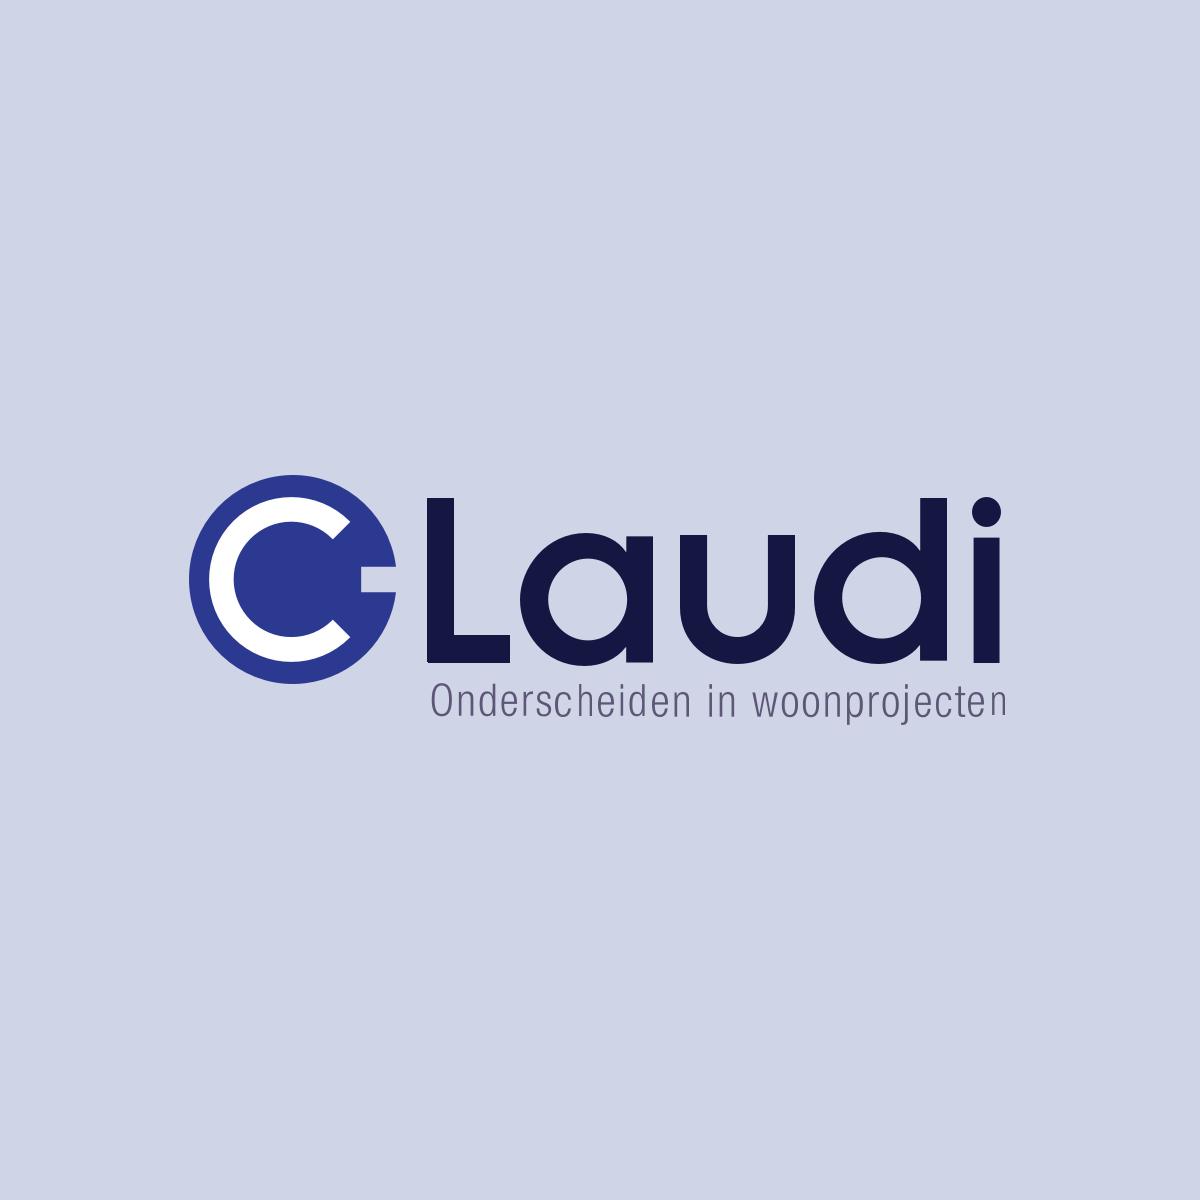 C-laudi_1200x1200